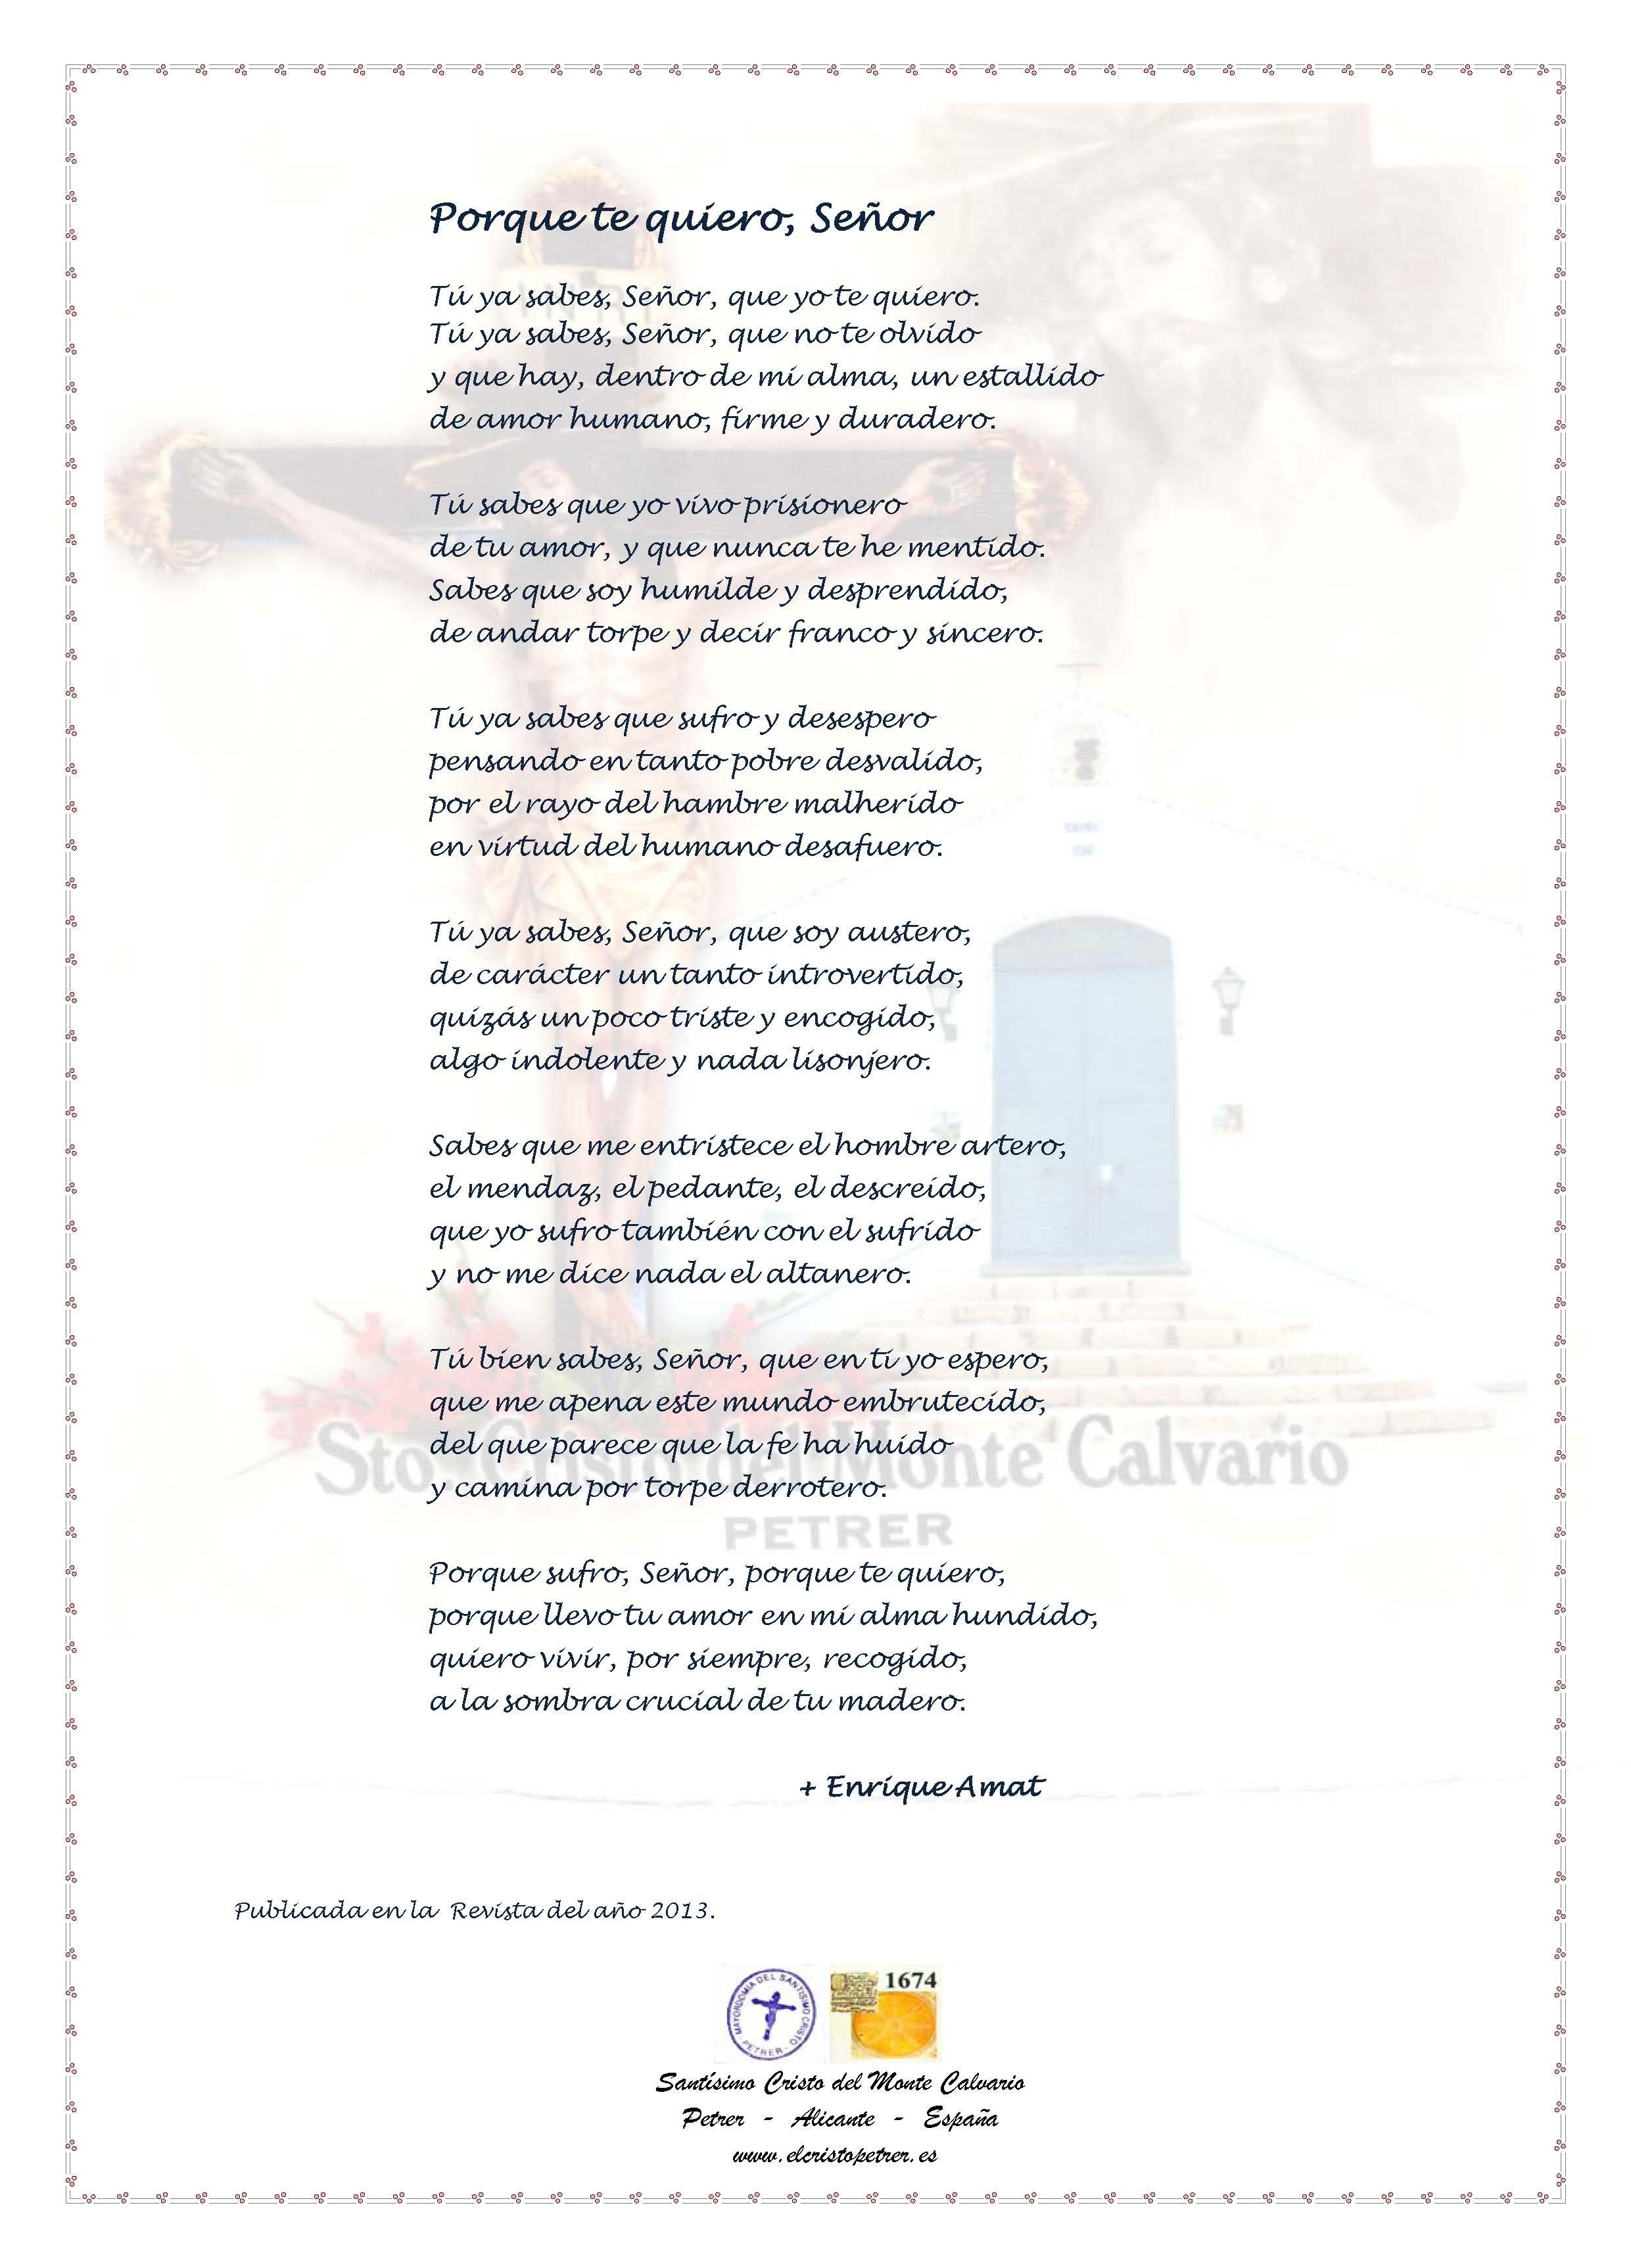 ElCristo - Poesias - Amat, Enrique - Revista 2013 - Porque te Quiero Señor